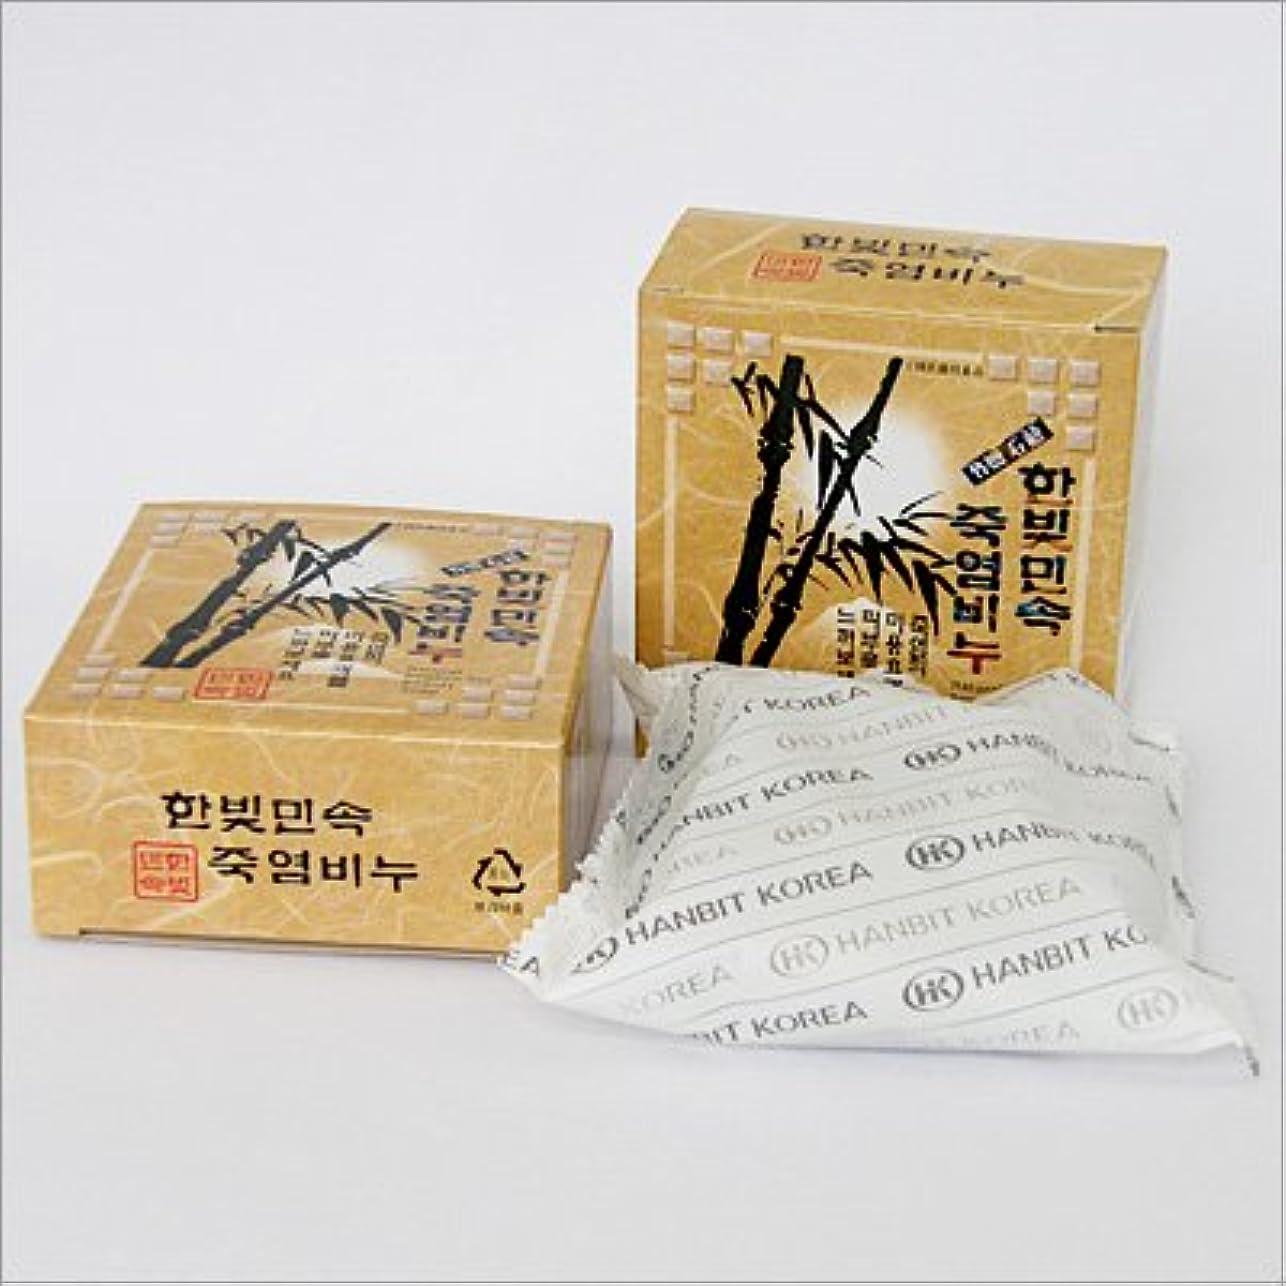 十代有効なスリラー(韓国ブランド) 韓国直輸入』竹塩石鹸(3個×5セット)